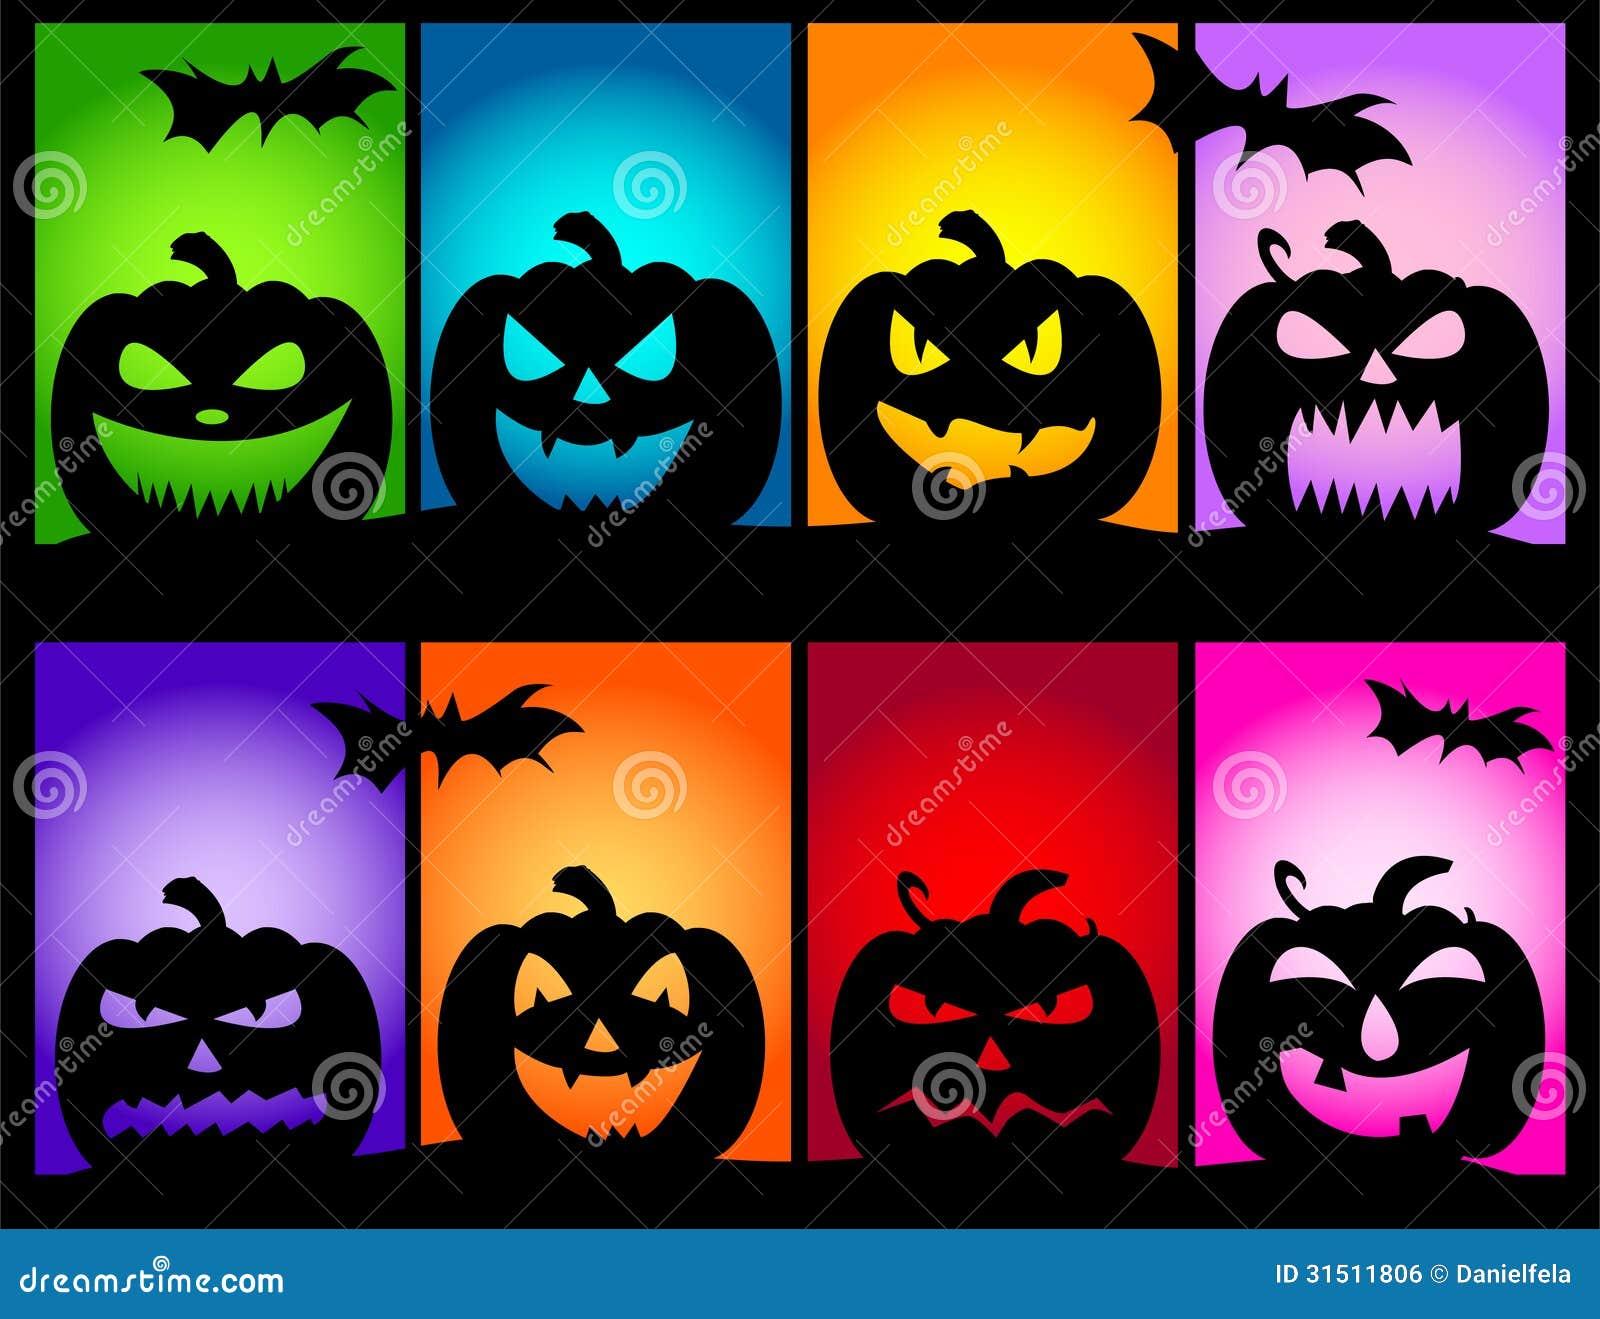 Colores de las calabazas de halloween ilustraci n del - Disenos de calabazas de halloween ...